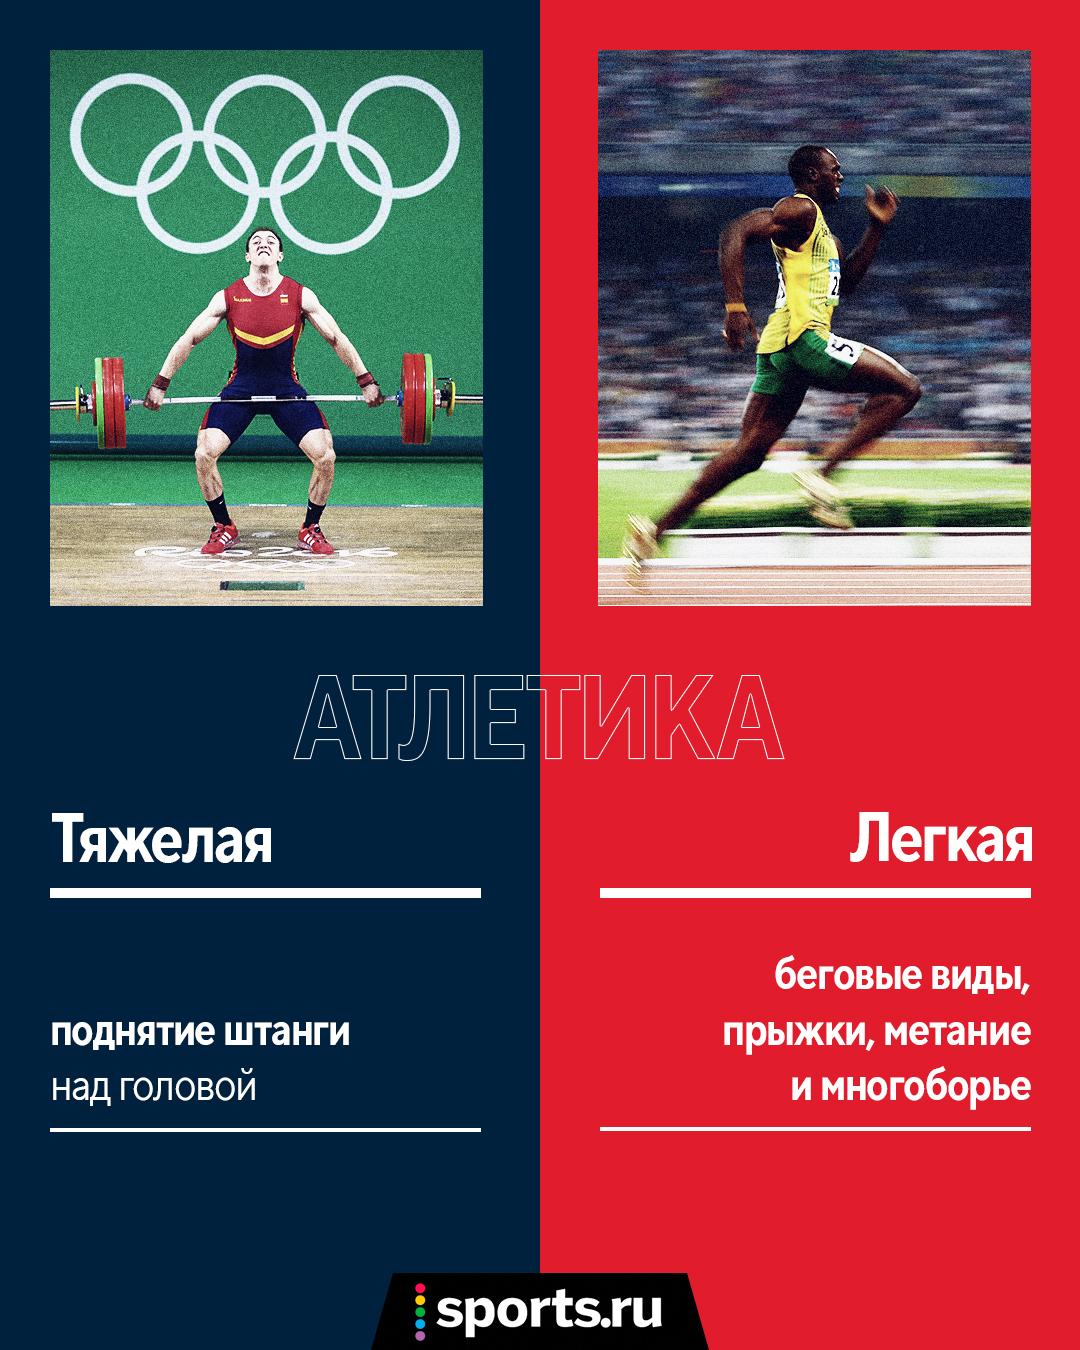 Разбираемся в отличиях между олимпийскими видами: бейсбол и софтбол, вольная и греко-римская борьба и другие